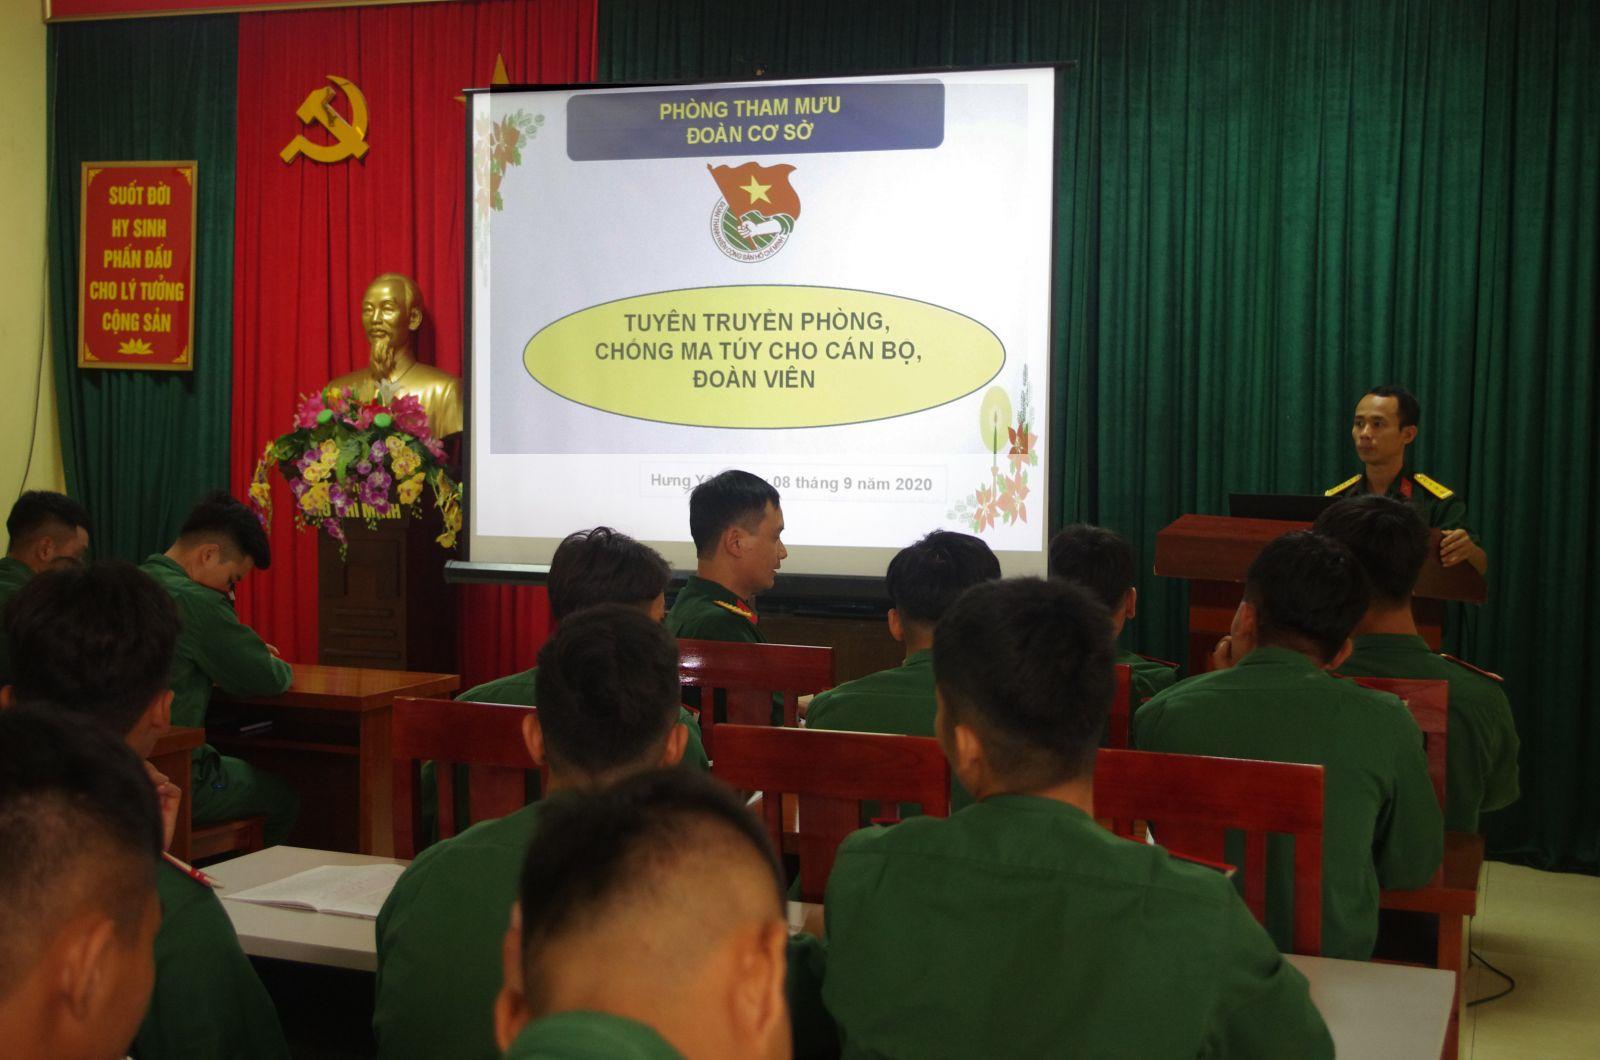 Đoàn TN Bộ CHQS tỉnh tổ chức tuyên truyền phòng, chống ma túy cho cán bộ, đoàn viên